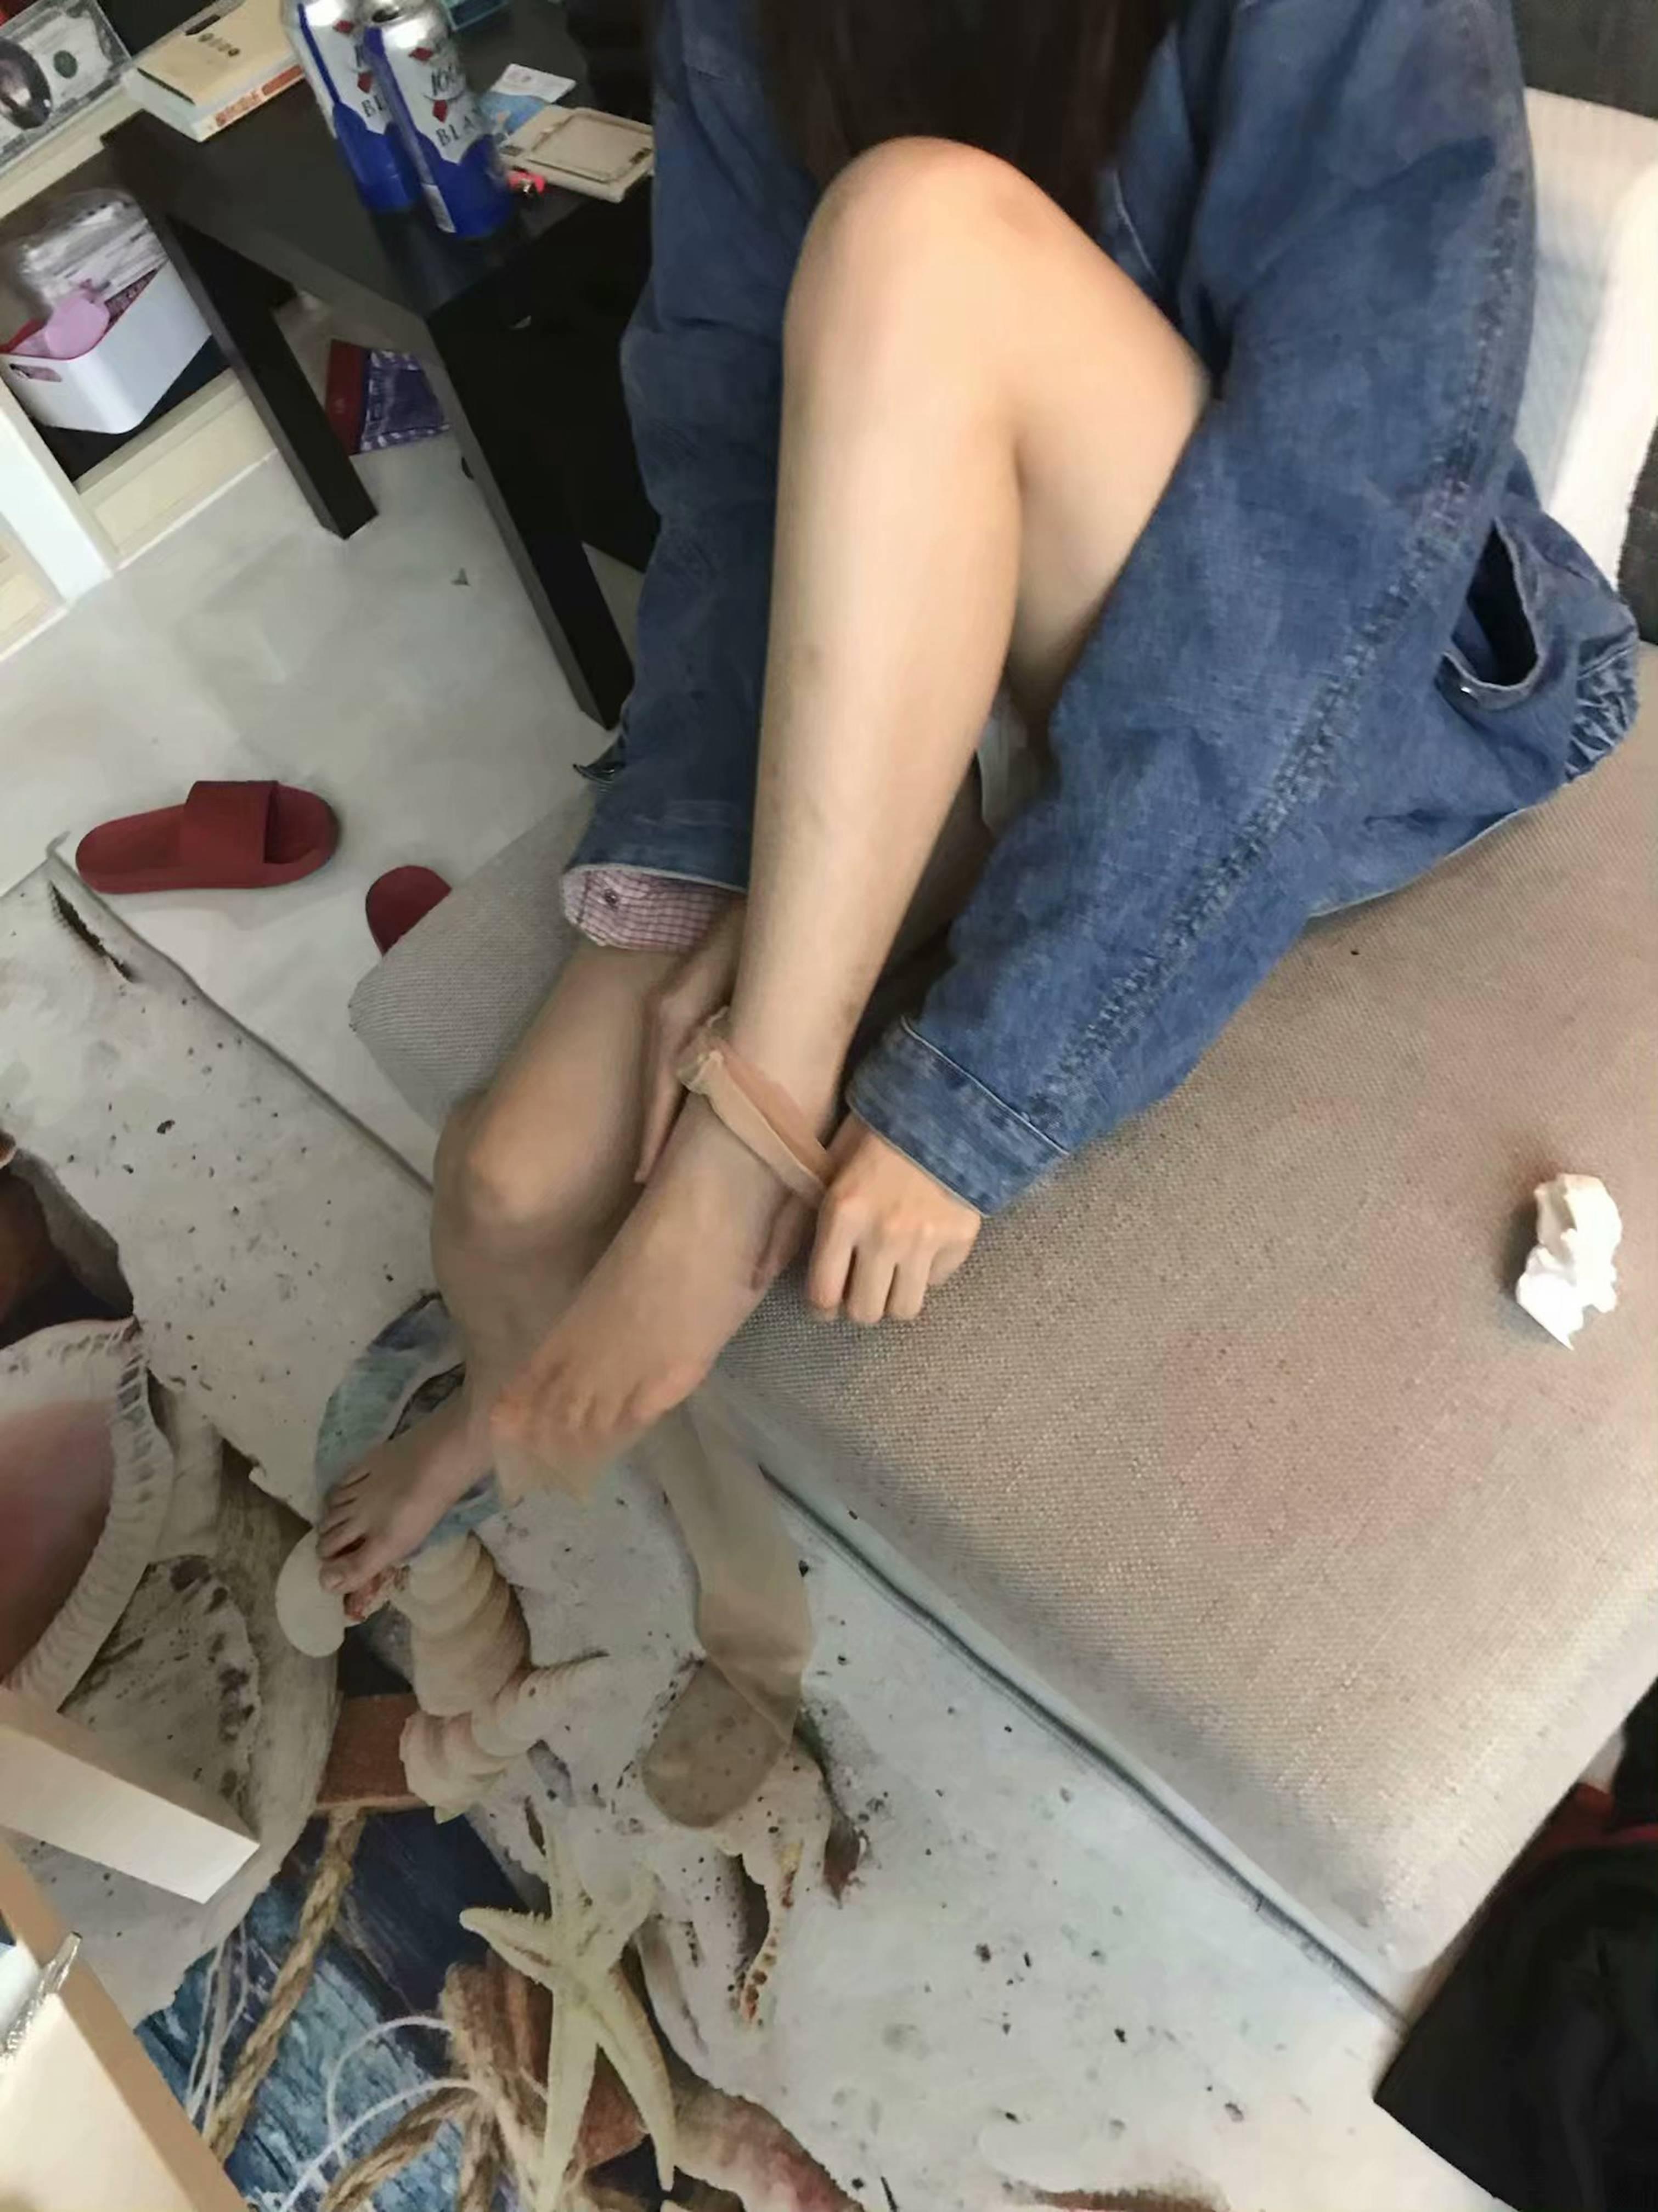 【優衣庫2.0】中國江大校花UNIQLO試衣間「羞恥跪口」影片流出!絲襪腿控受不了!